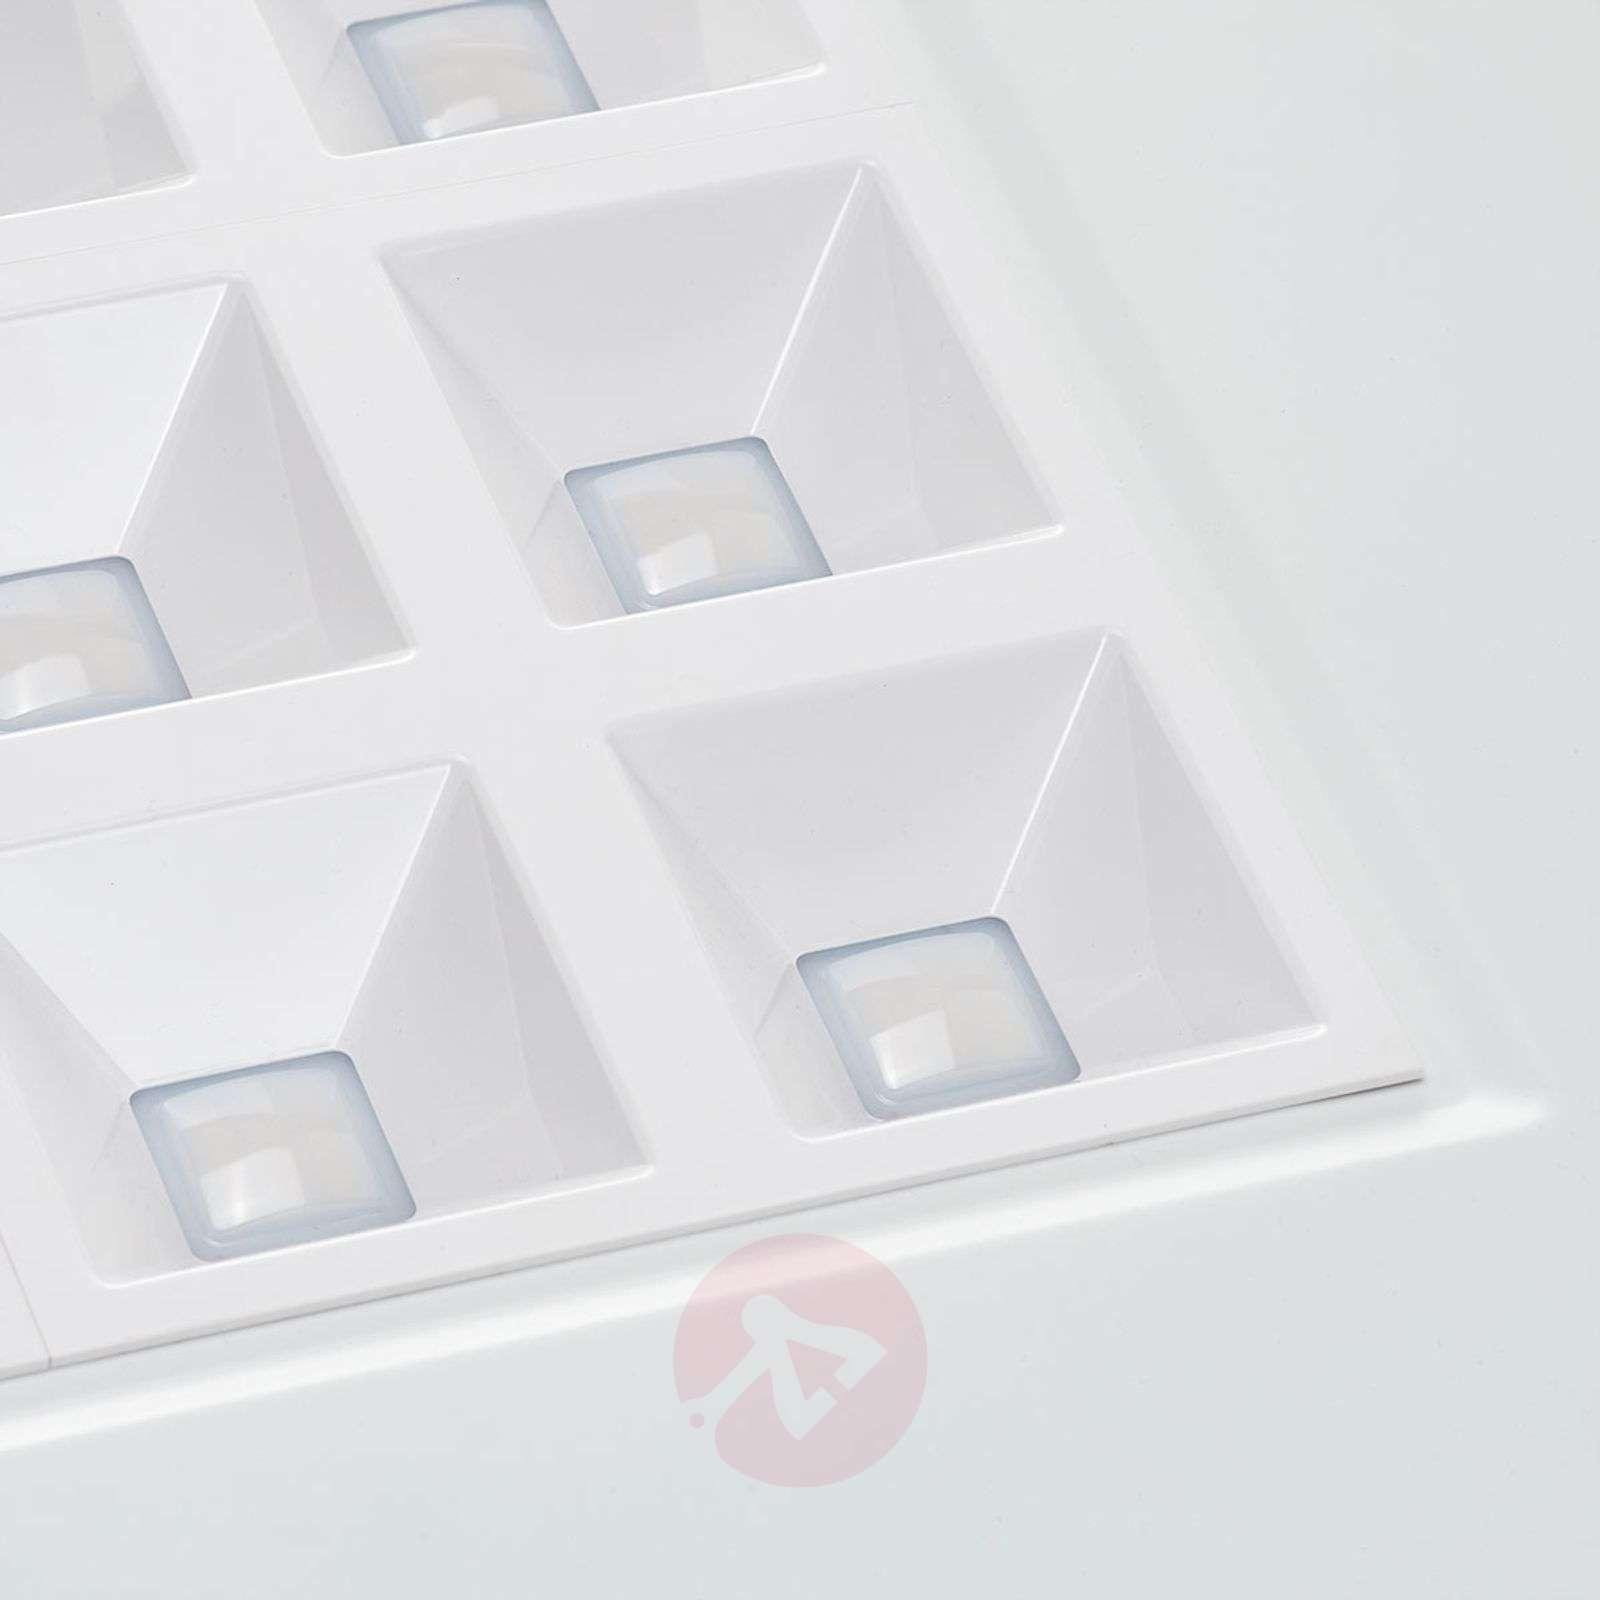 LED-uppopaneeli Merti, valkoinen, 4000K-9967033-03